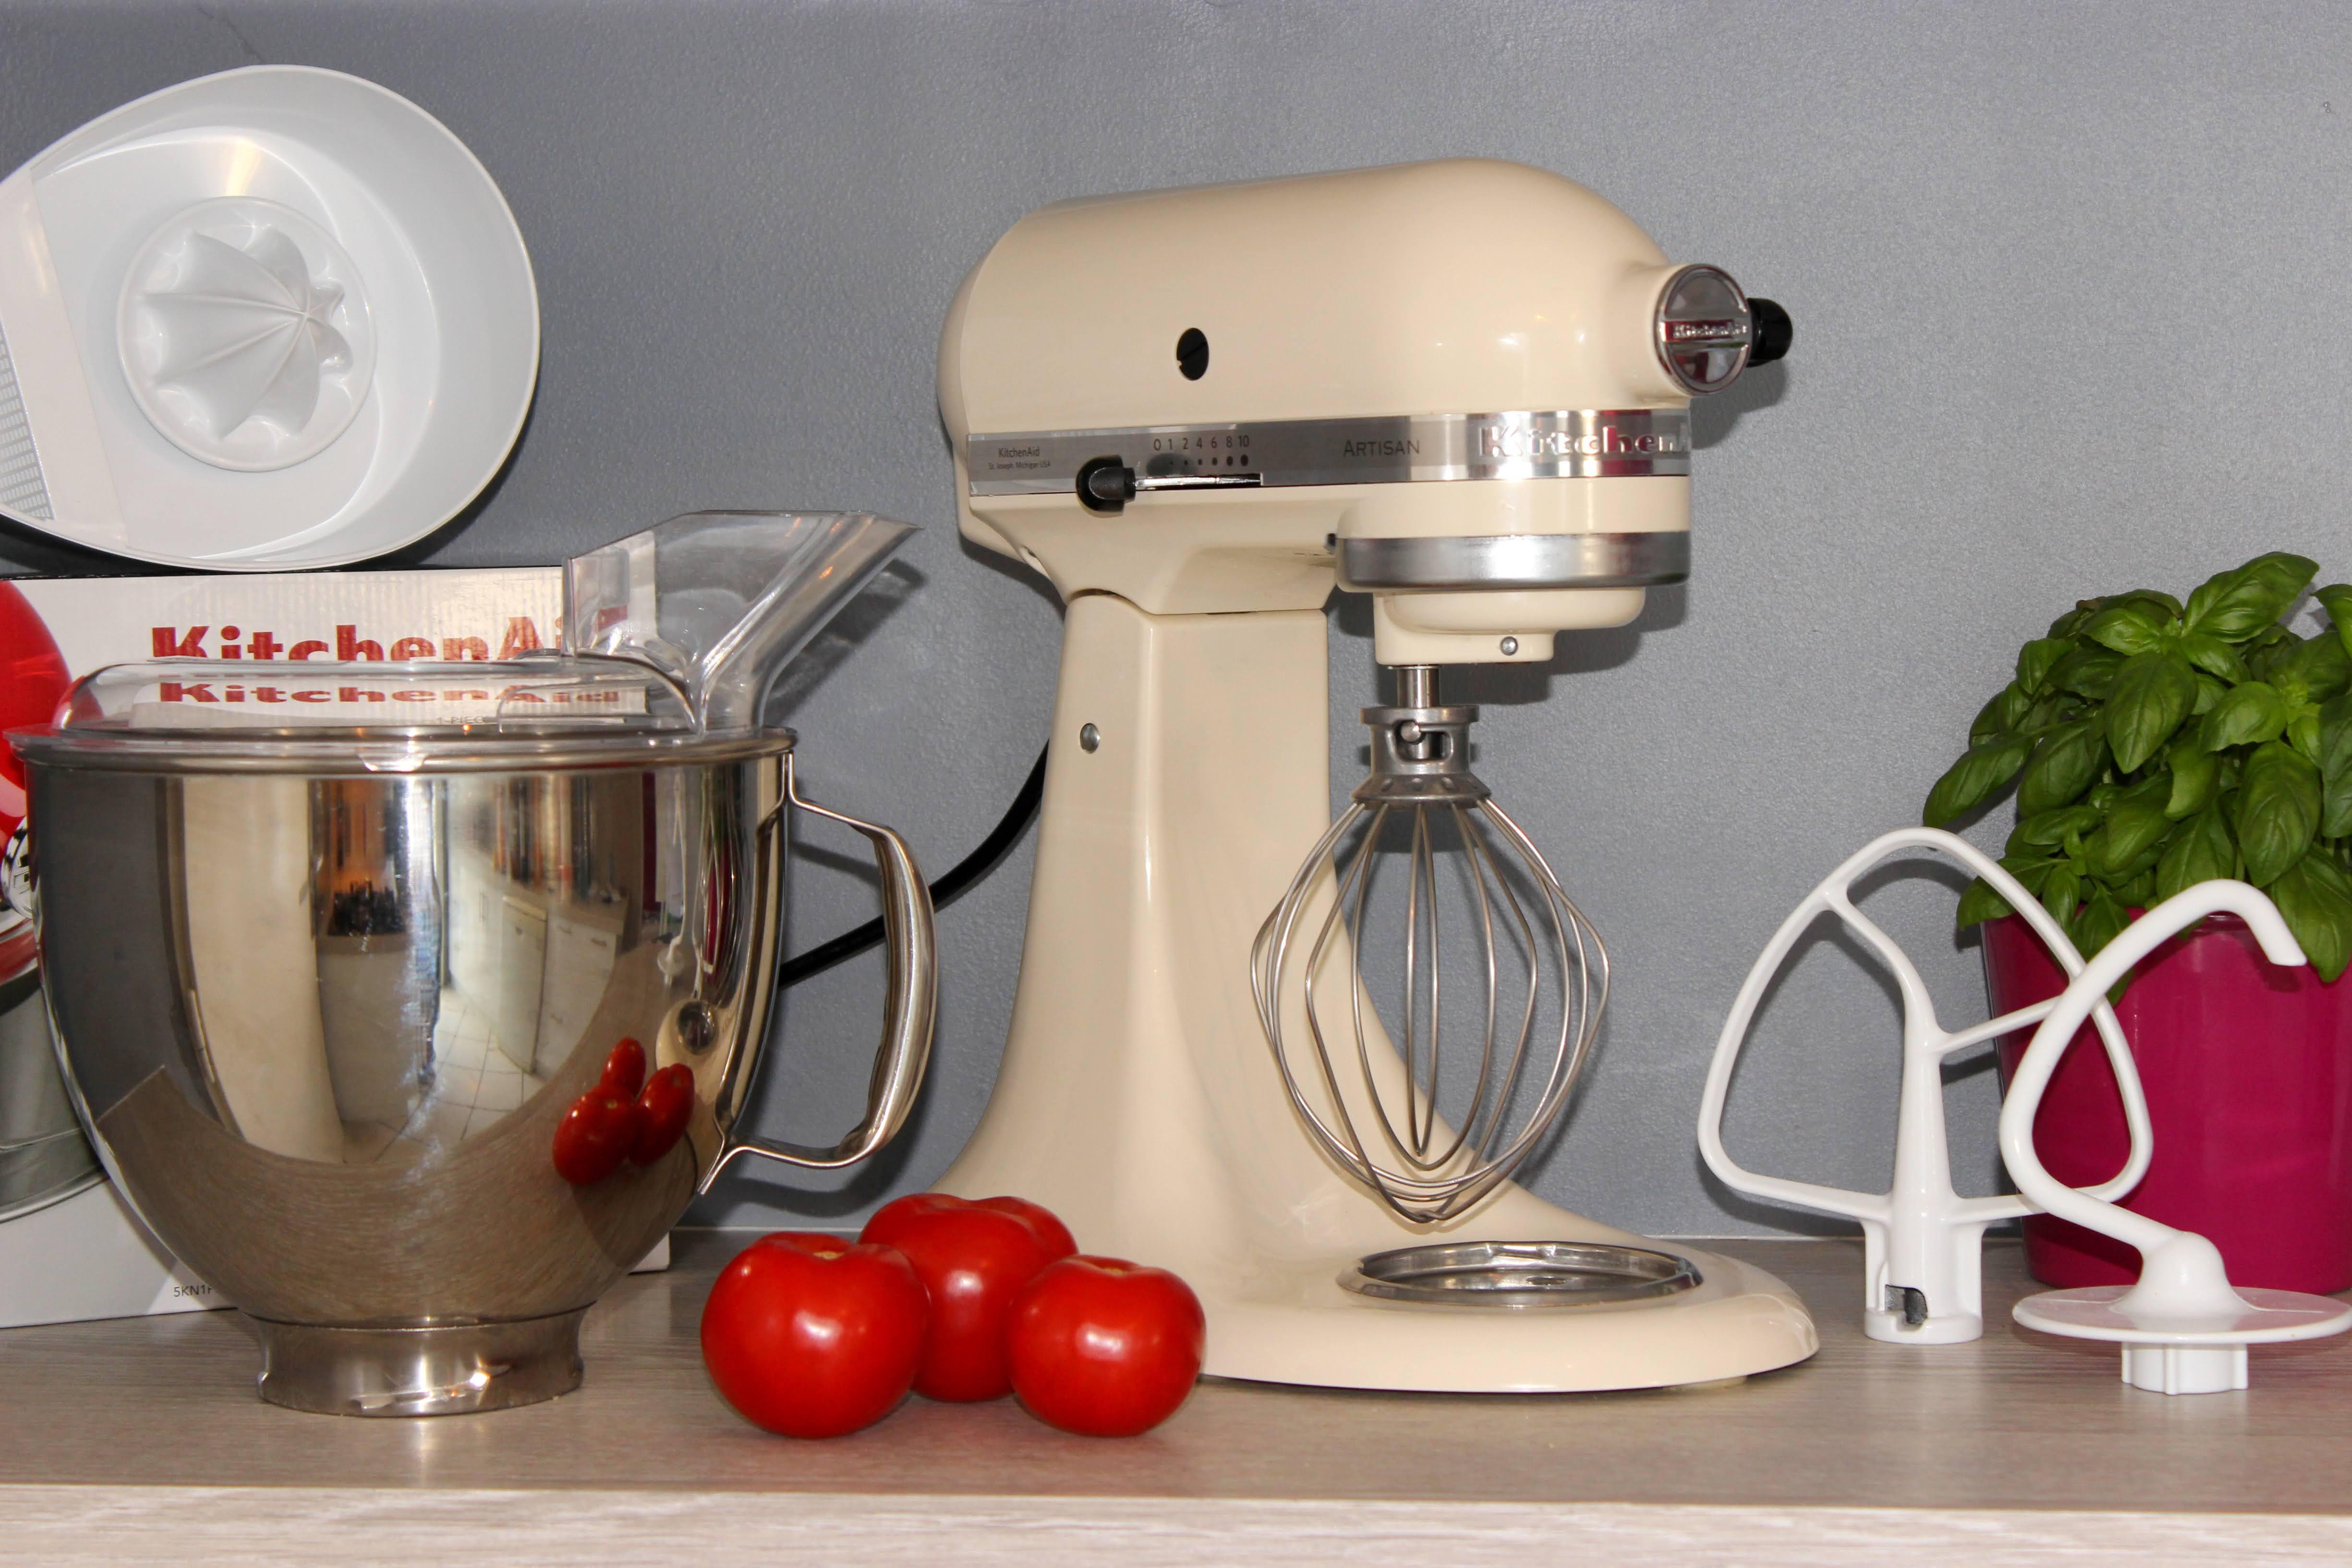 avis kitchenaids, artisan kitchenaids, robot patissier, les petites bulles de ma vie